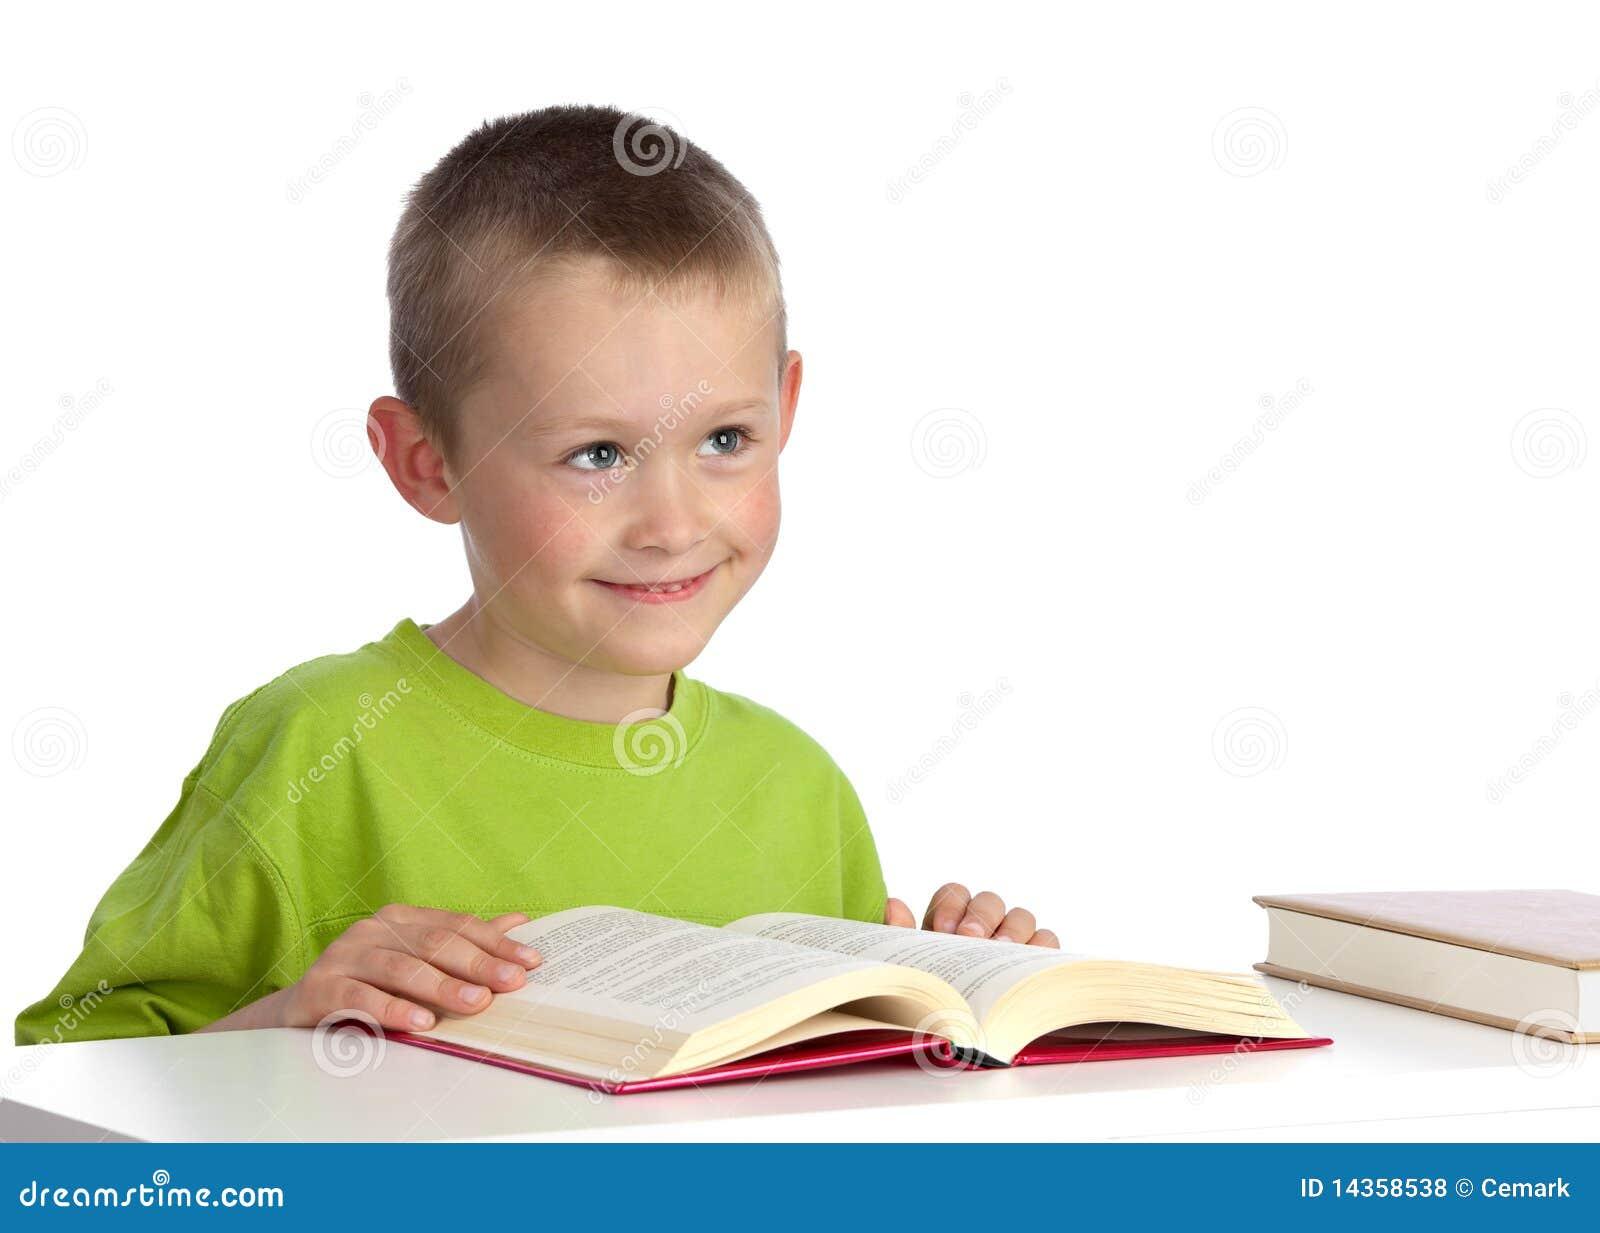 Pre-school reader